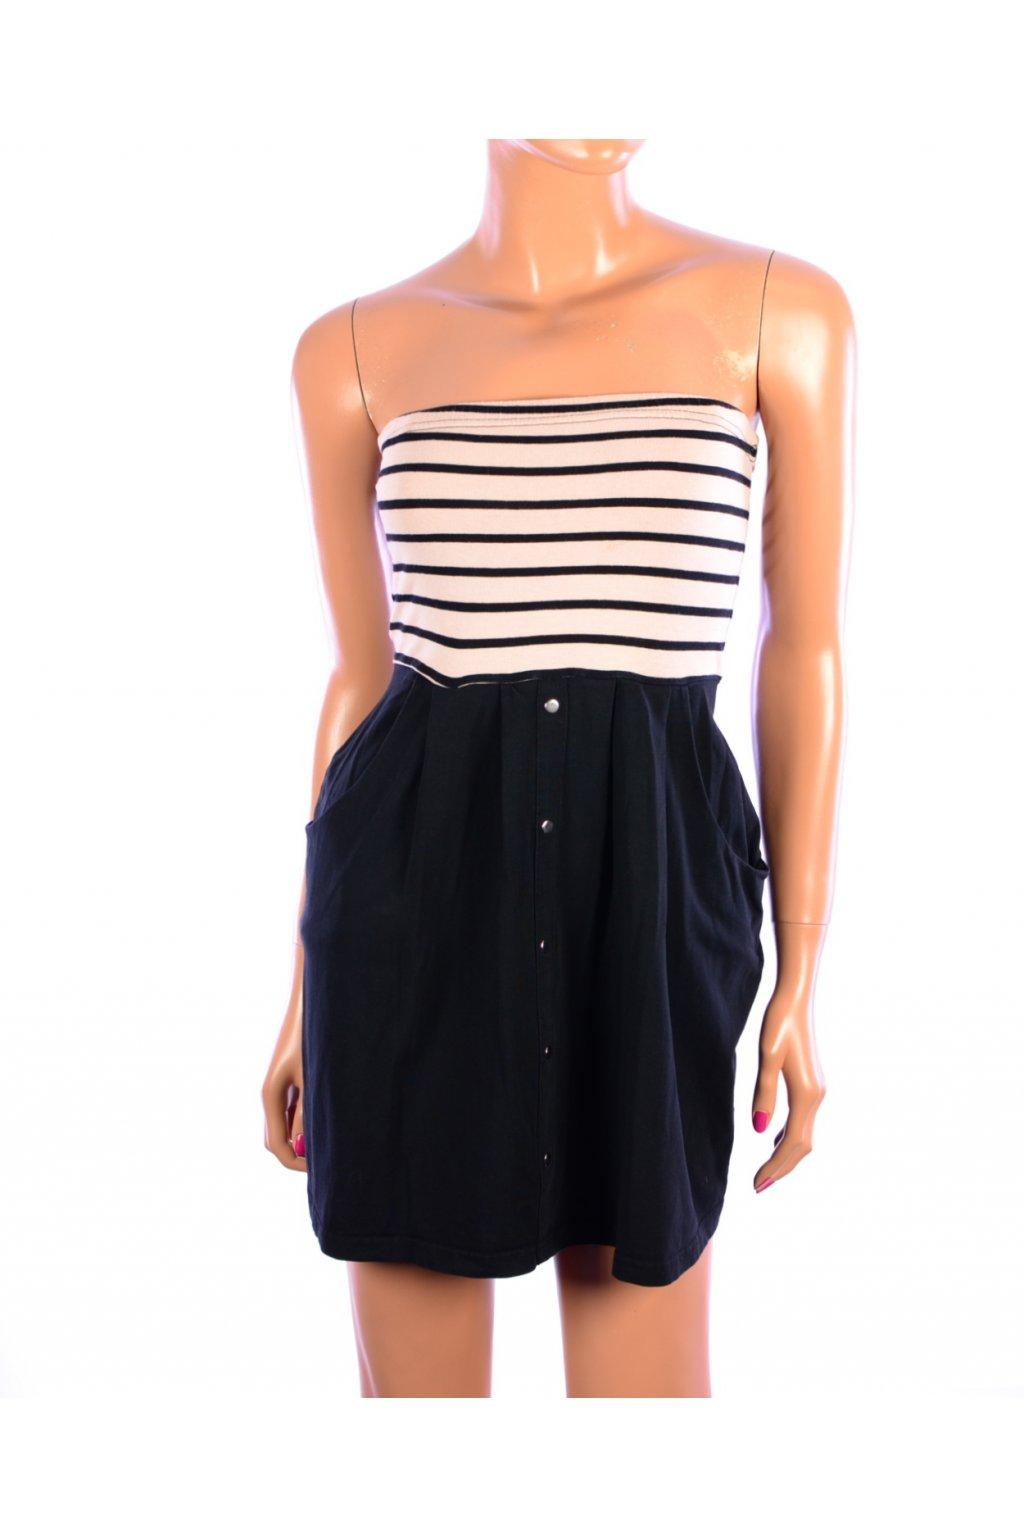 Šaty bez ramínek Vero Moda vel. S